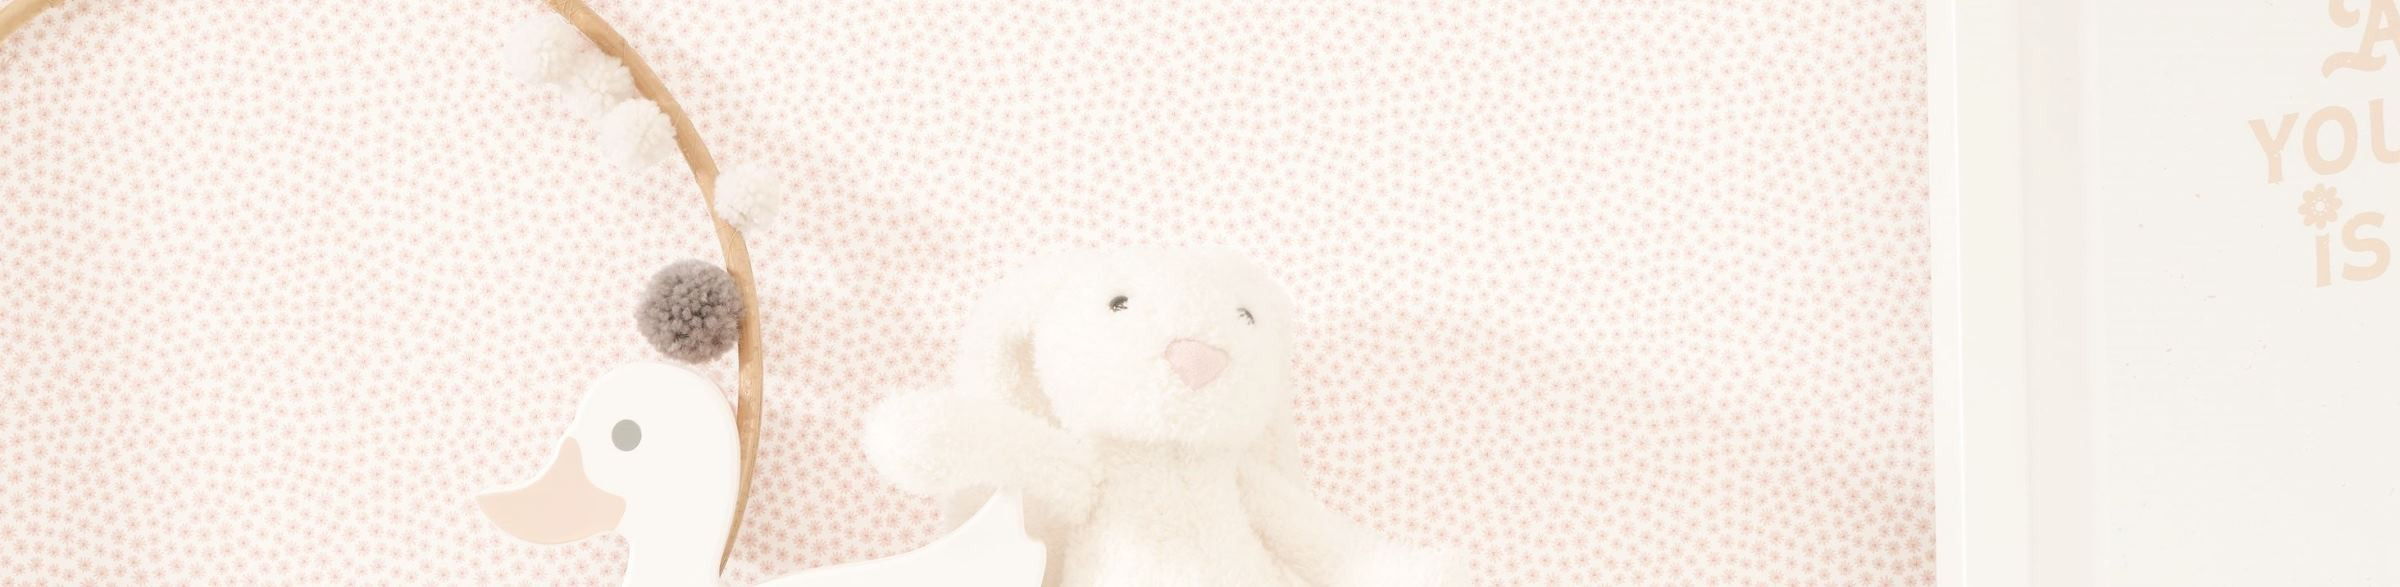 Nouvelle collection Rose&Nino de Casadeco pour enfants et bébés est disponible !